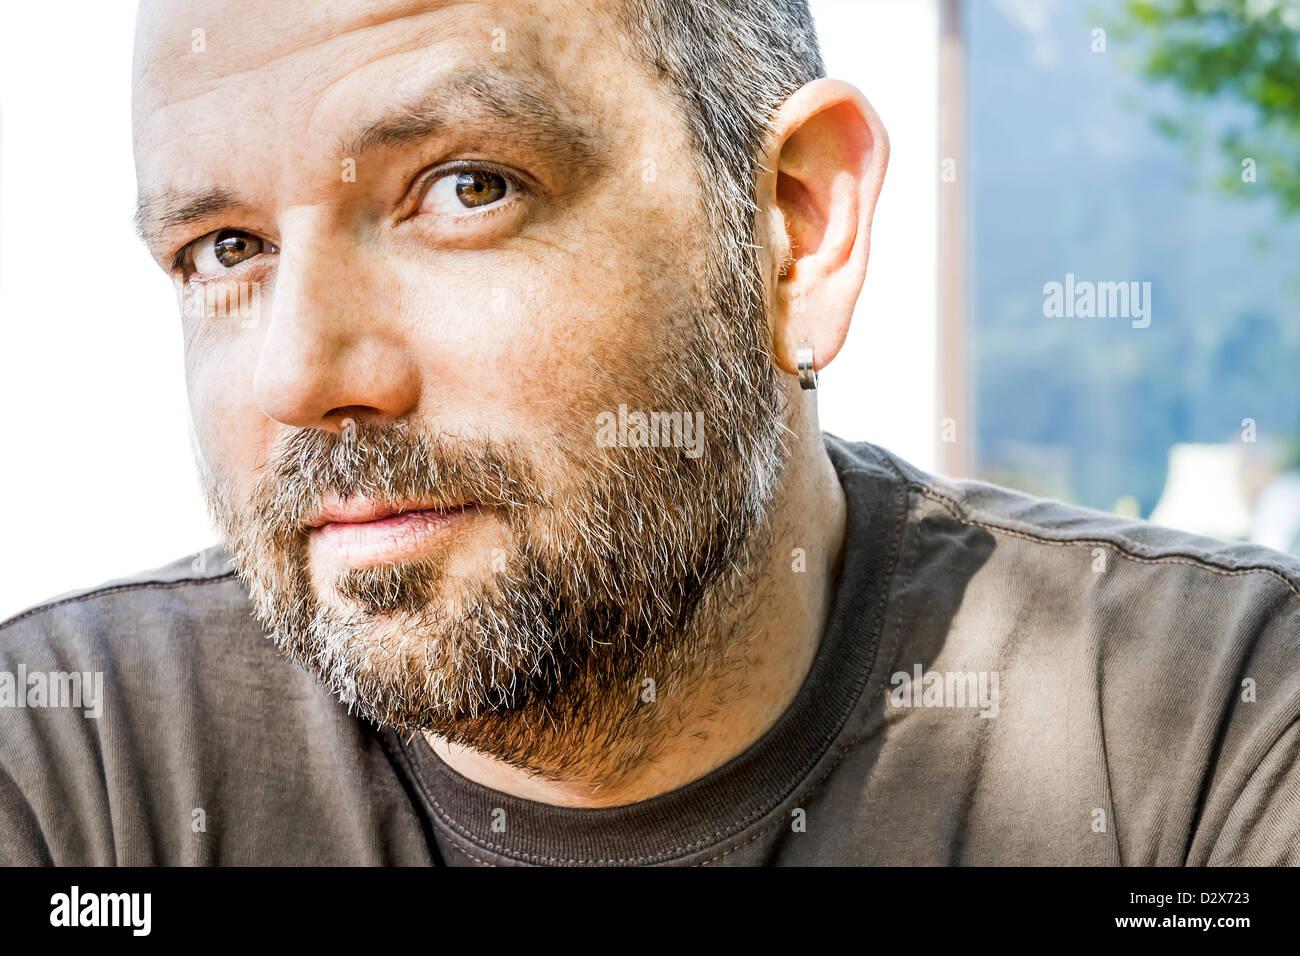 Un'immagine di un uomo bello con la barba Immagini Stock